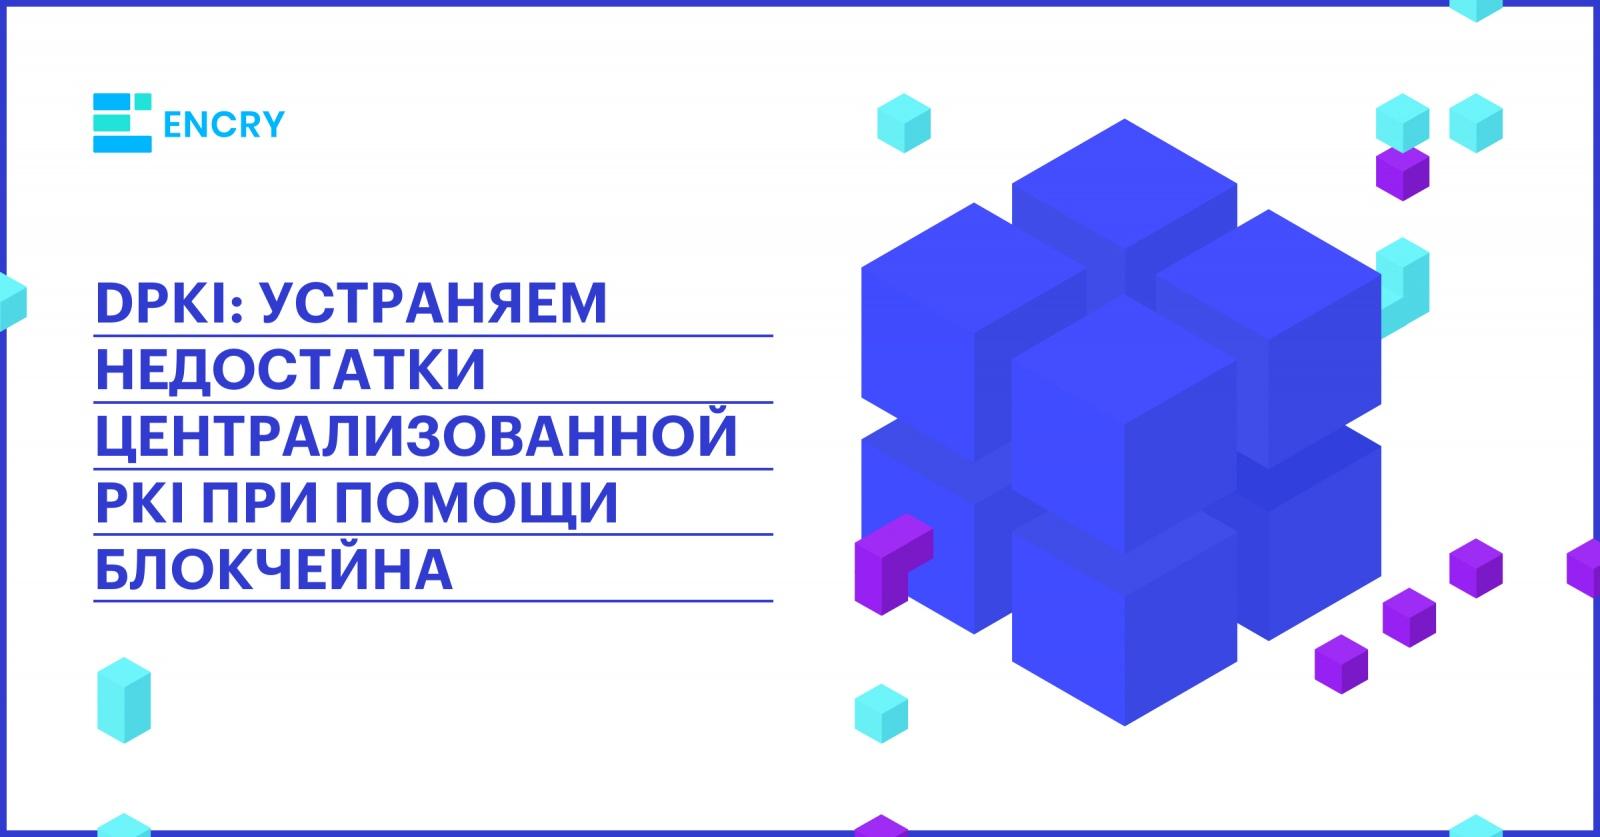 DPKI: устраняем недостатки централизованной PKI при помощи блокчейна - 1